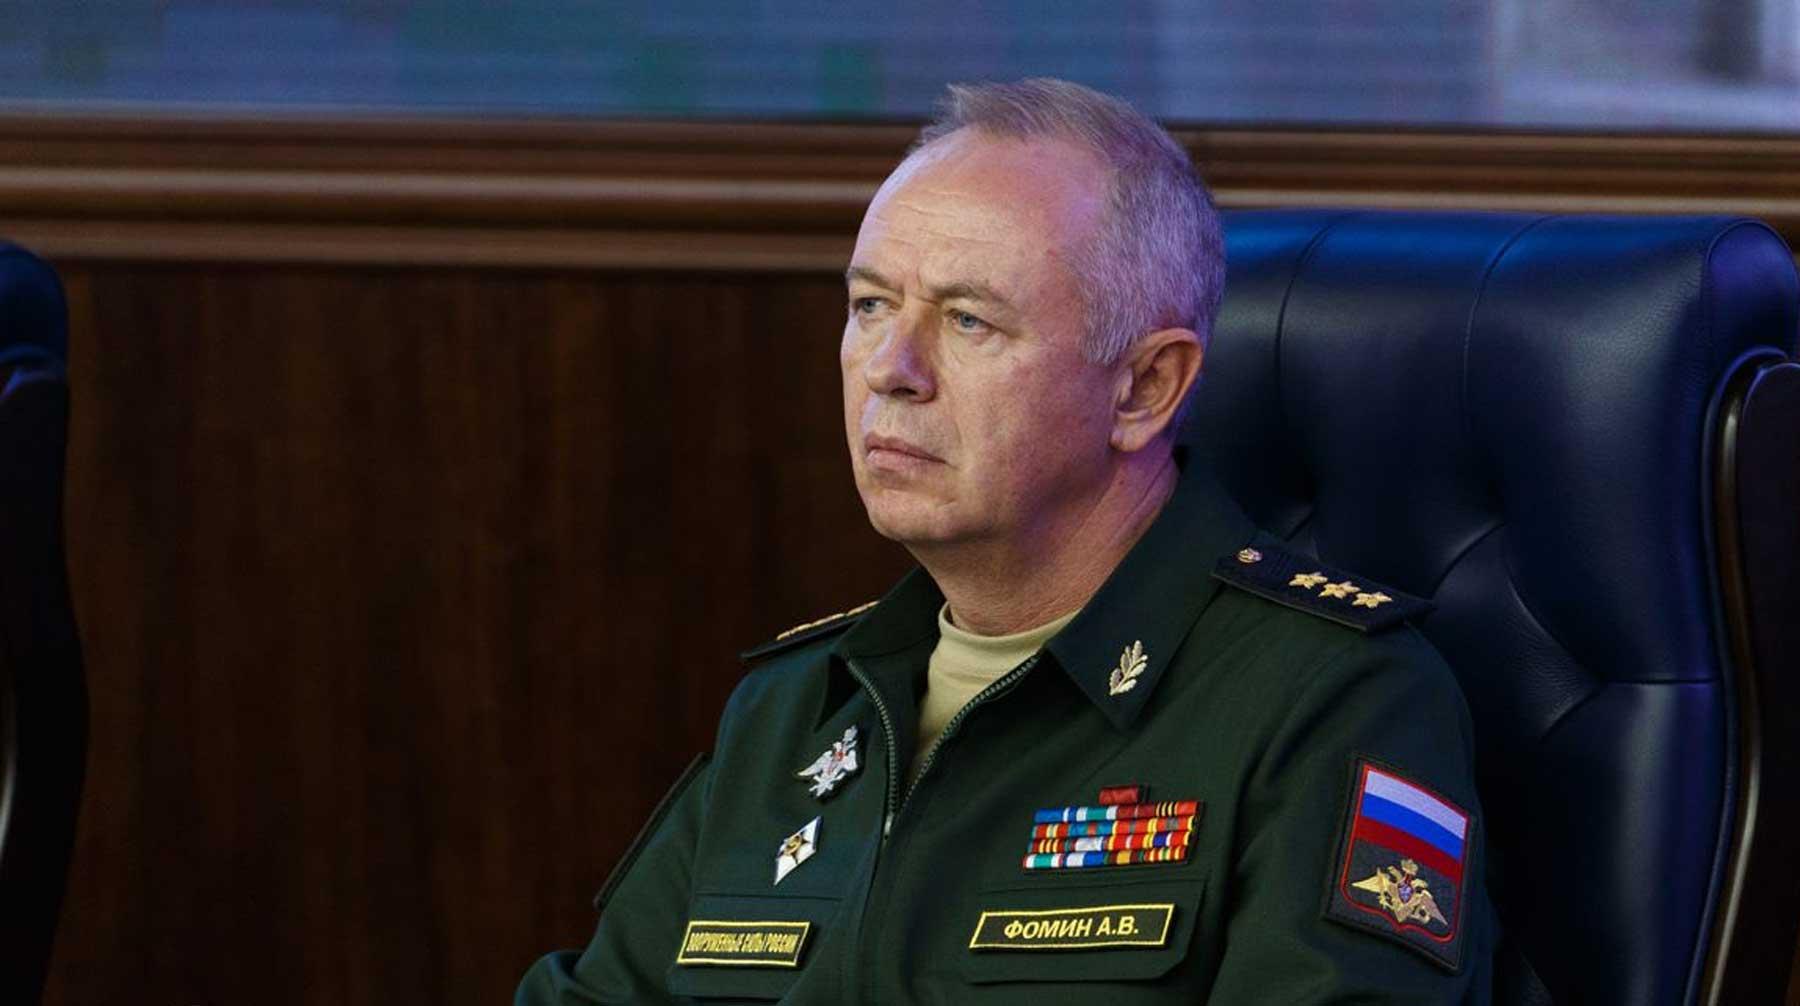 Замминистра обороны России — о глобальной безопасности и экспансии НАТО